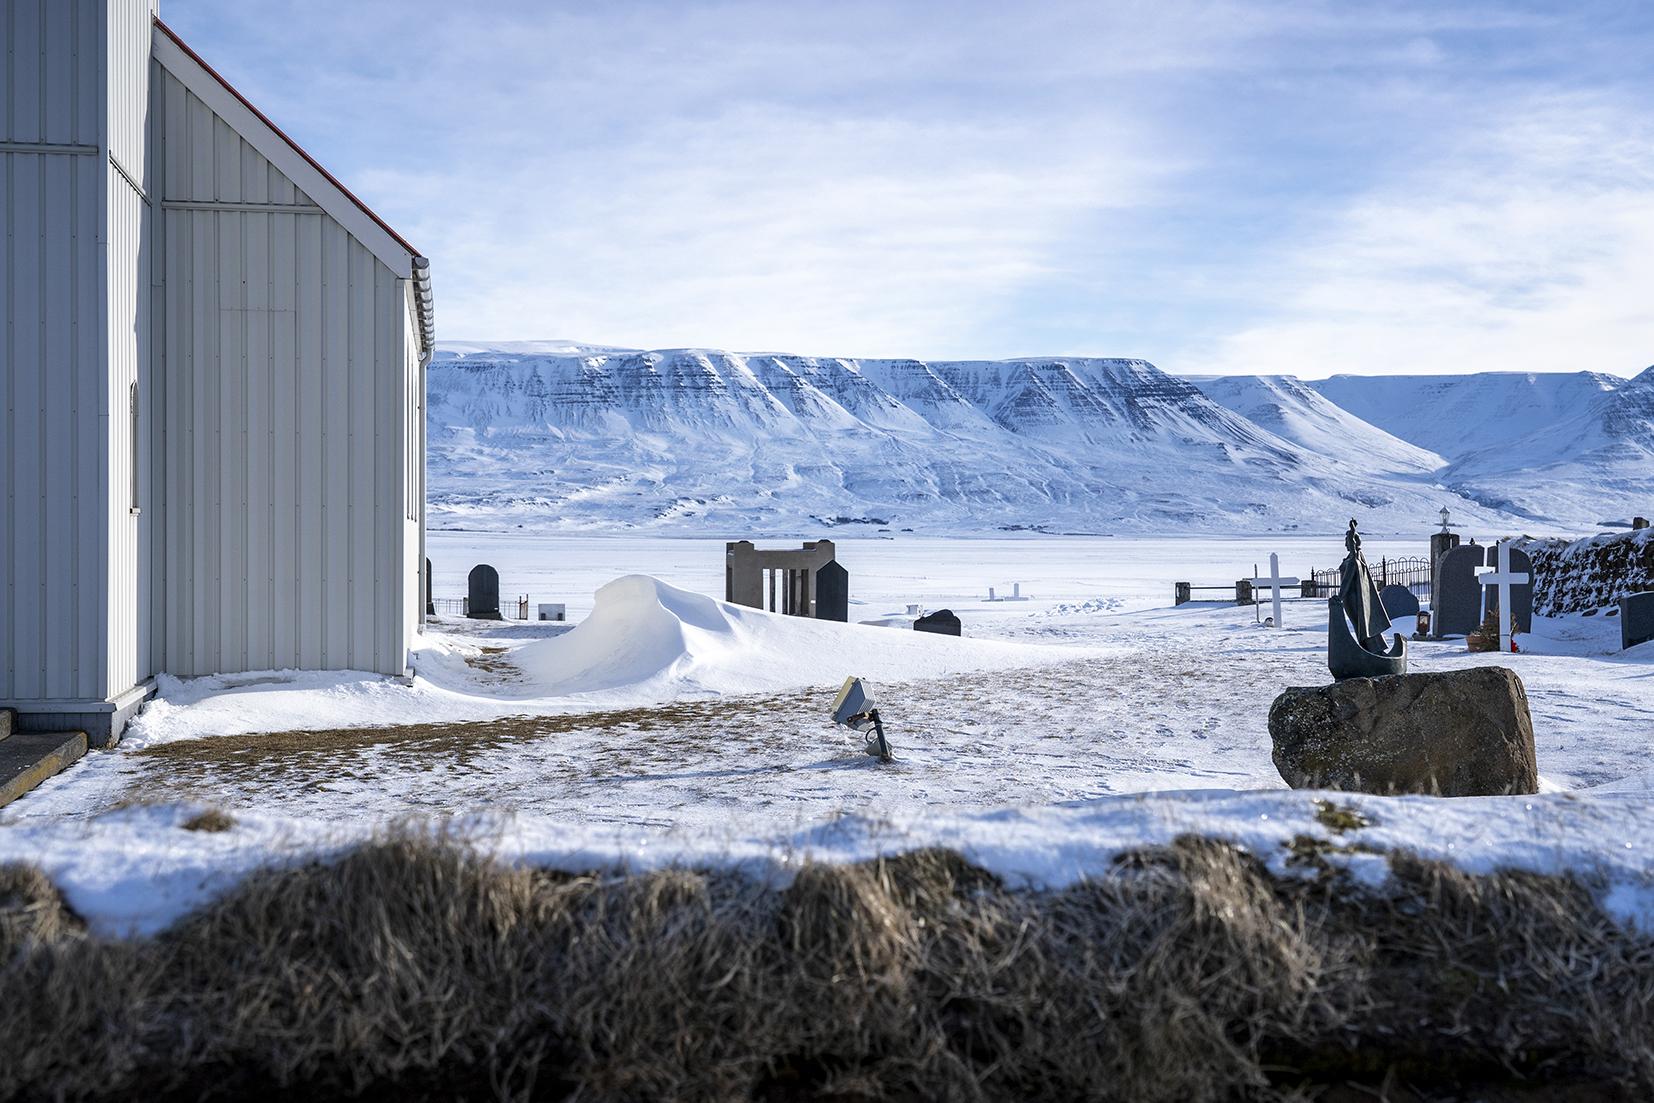 Skagafjörður Glaumbær ferme église cimetière neige montagnes Islande du Nord